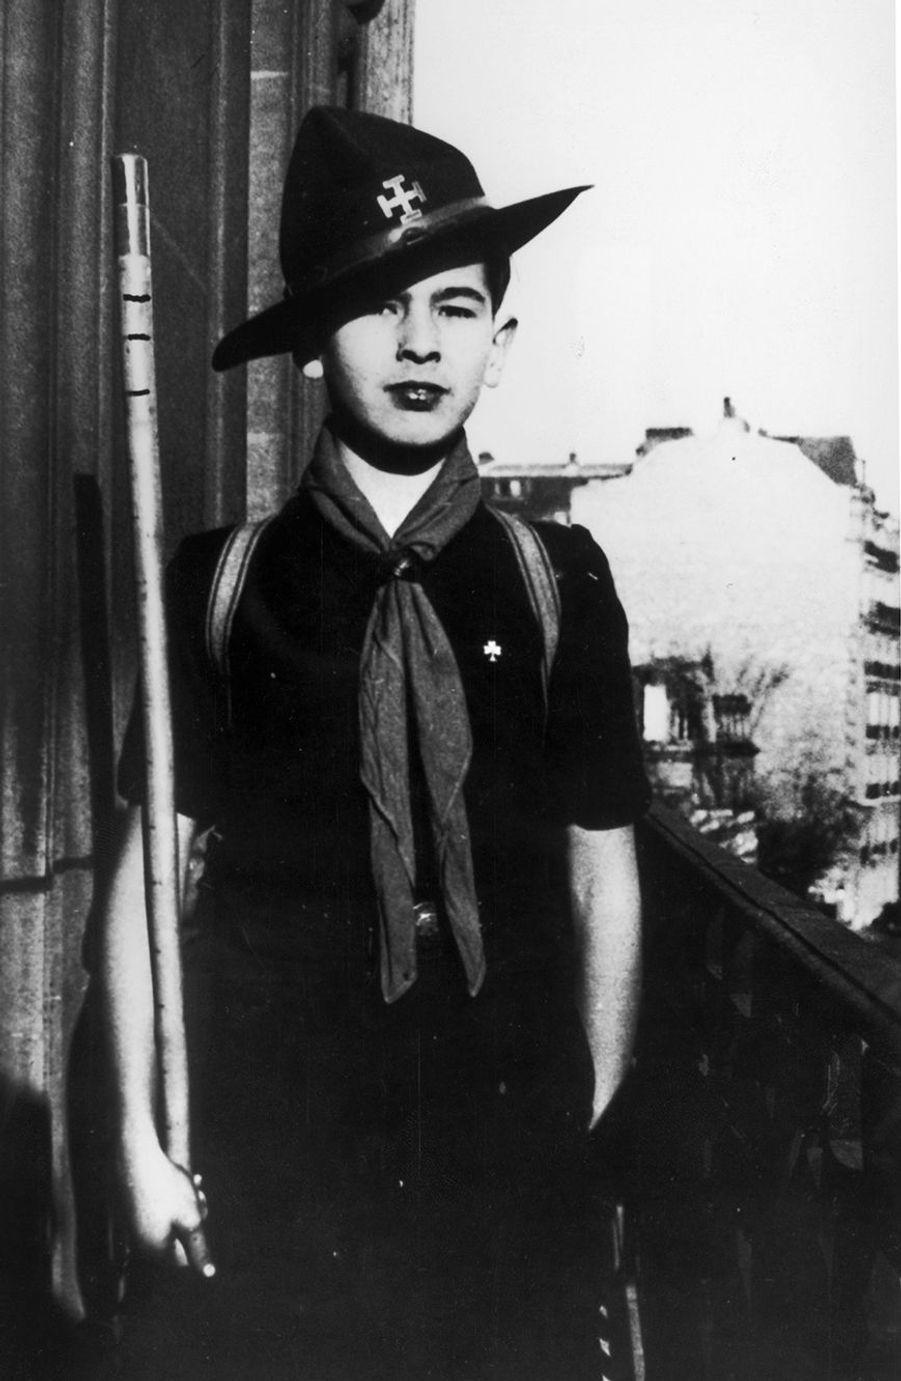 Valéry Giscard d'Estaing, à l'âge de 11 ans en 1937.